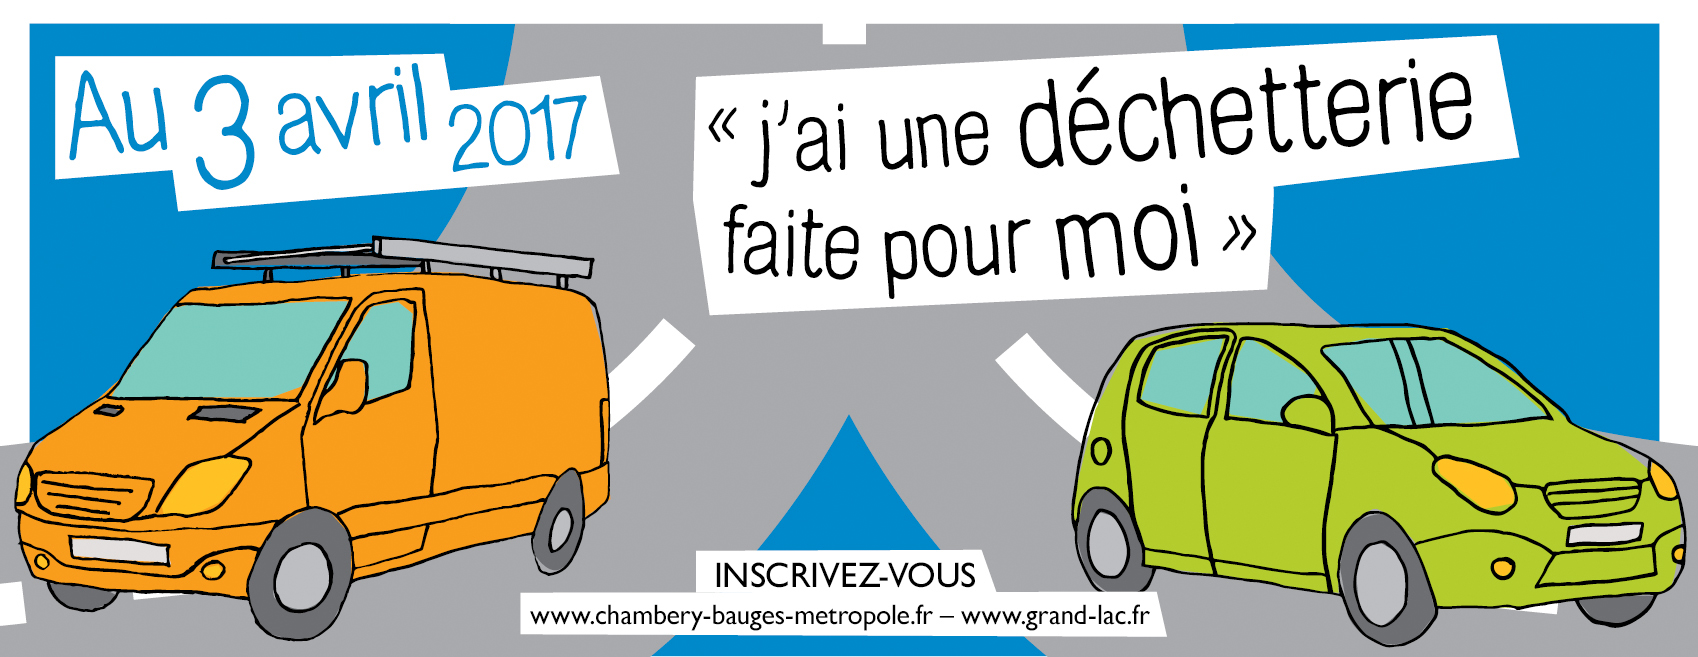 campagne Chambéry métropole coeur des bauges déchetterie